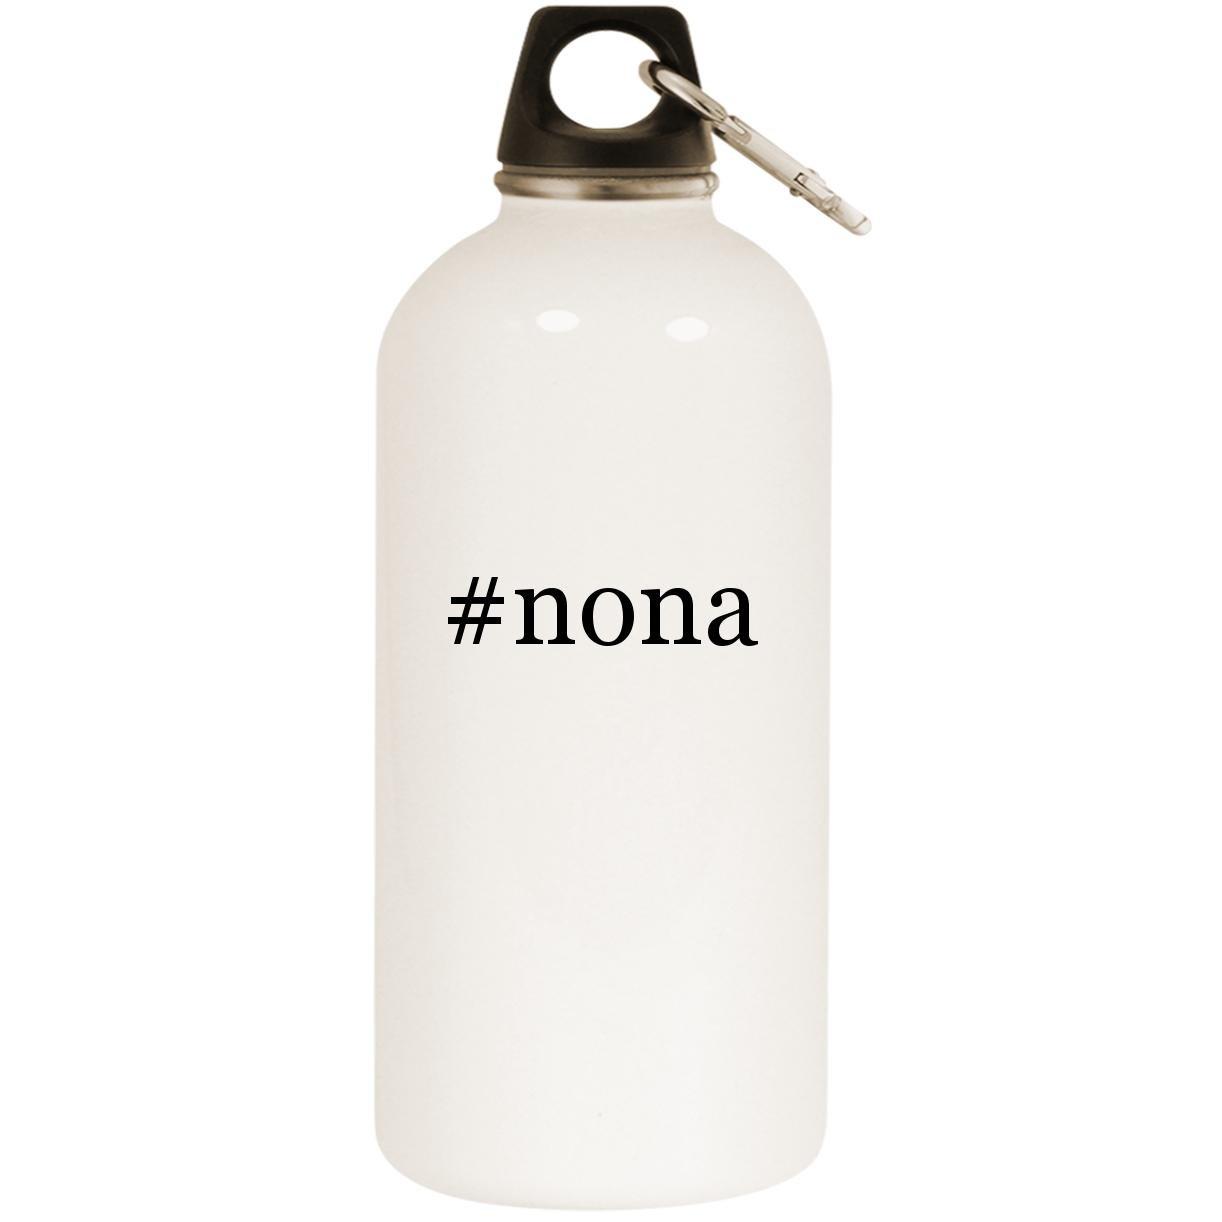 # nona – Whiteハッシュタグ20ozステンレススチールウォーターボトルカラビナ B0741ZX33X